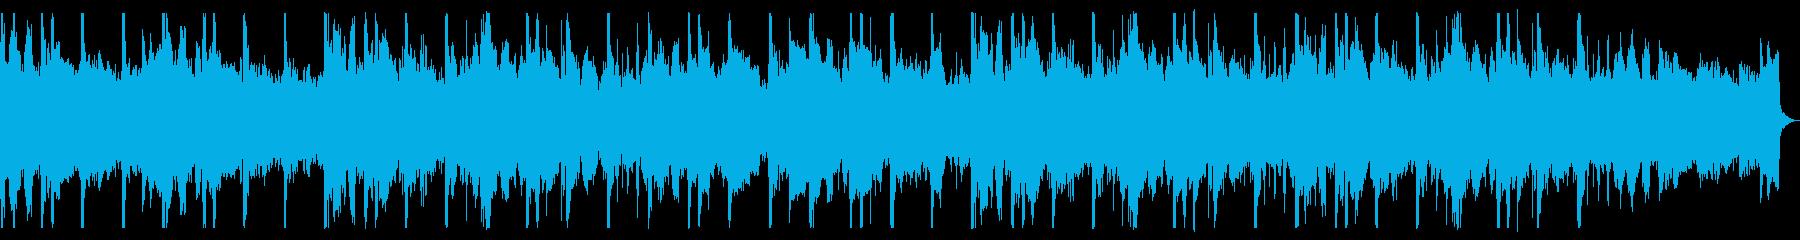 都会/夜空/R&B_No642_1の再生済みの波形